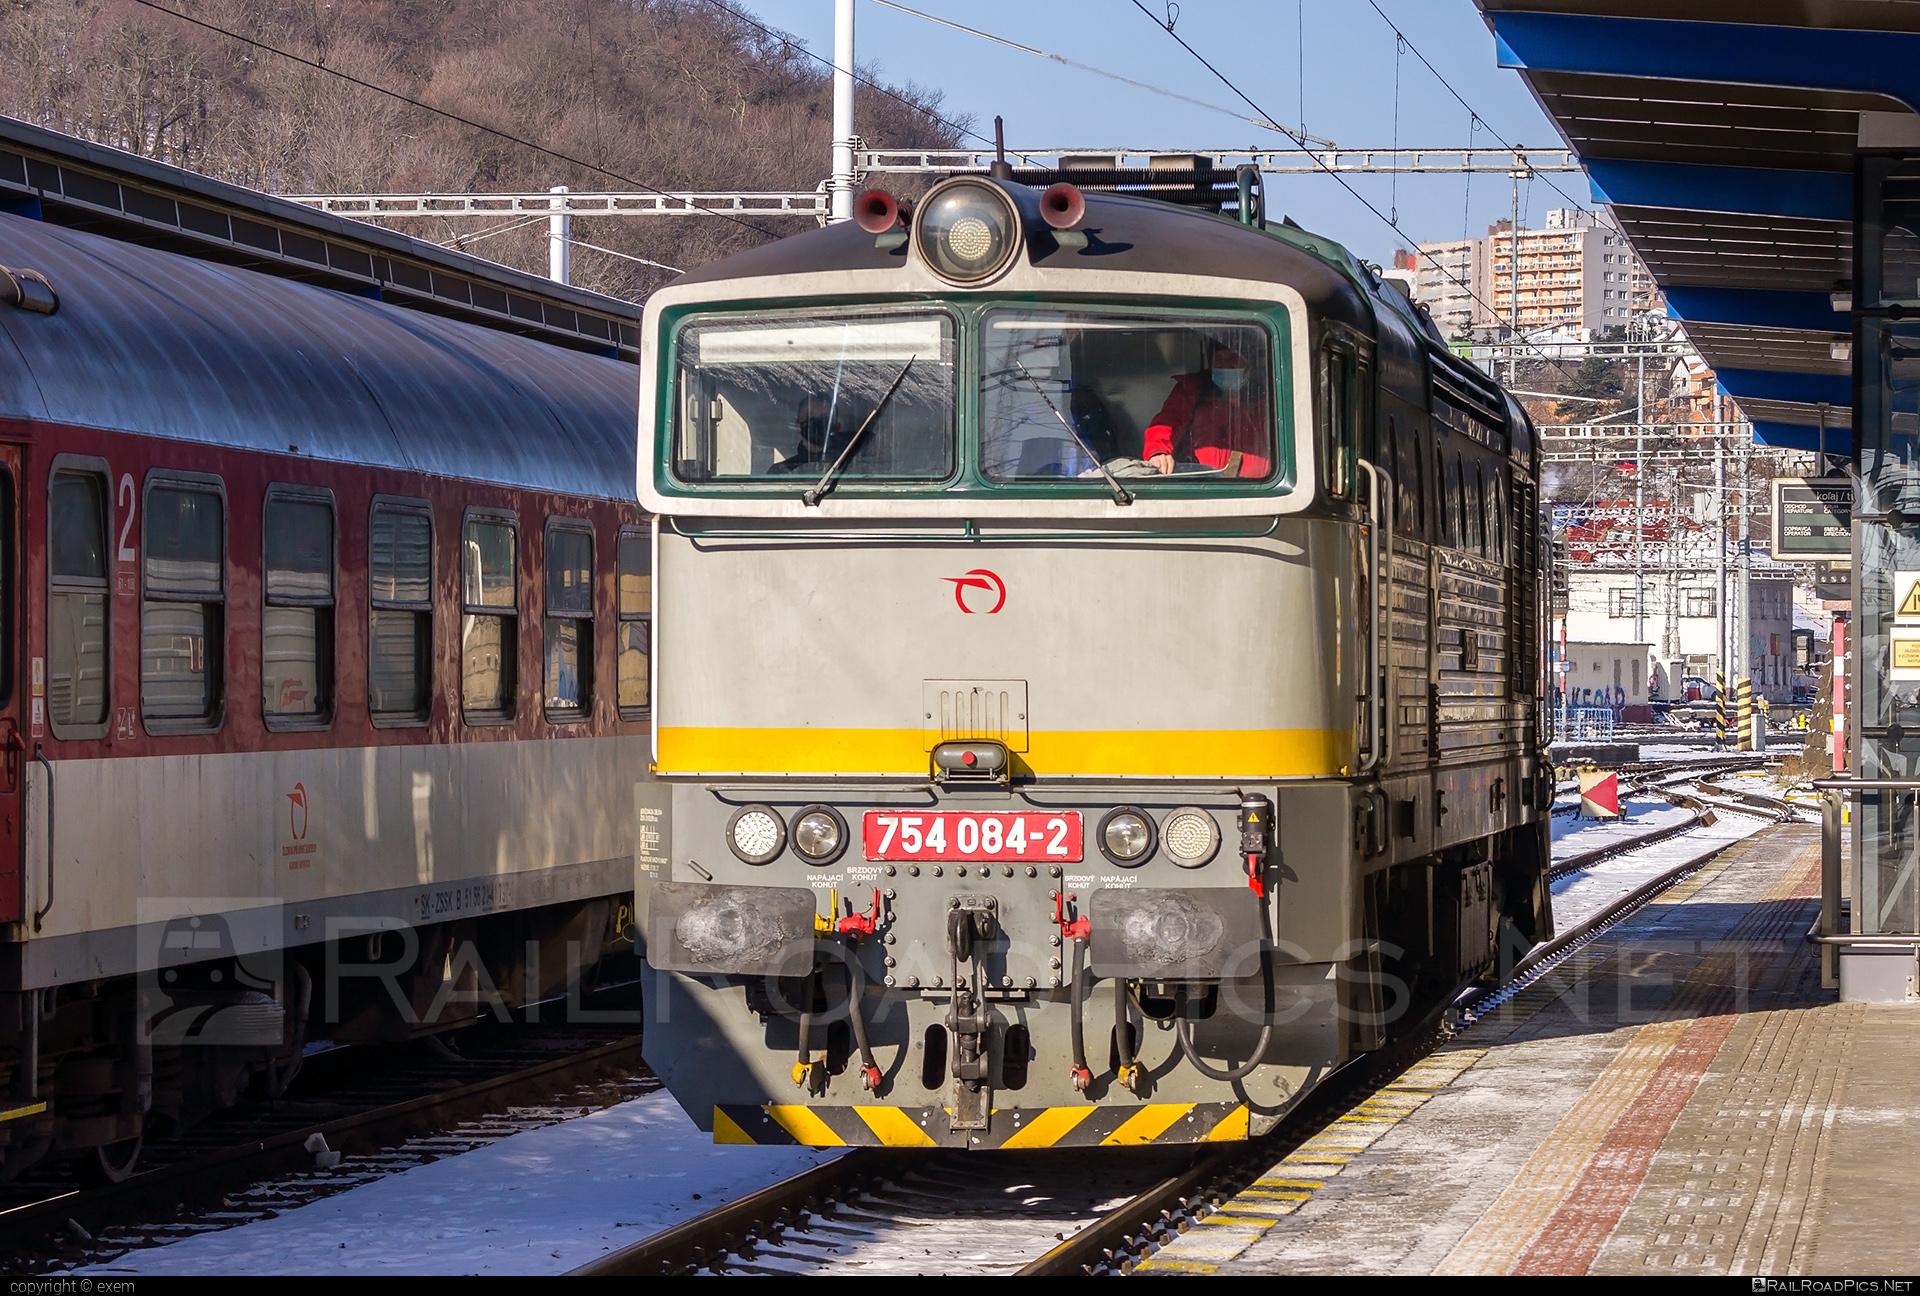 ČKD T 478.4 (754) - 754 084-2 operated by Železničná Spoločnost' Slovensko, a.s. #ZeleznicnaSpolocnostSlovensko #brejlovec #ckd #ckd4784 #ckd754 #ckdt4784 #lokomotiva754 #okuliarnik #zssk